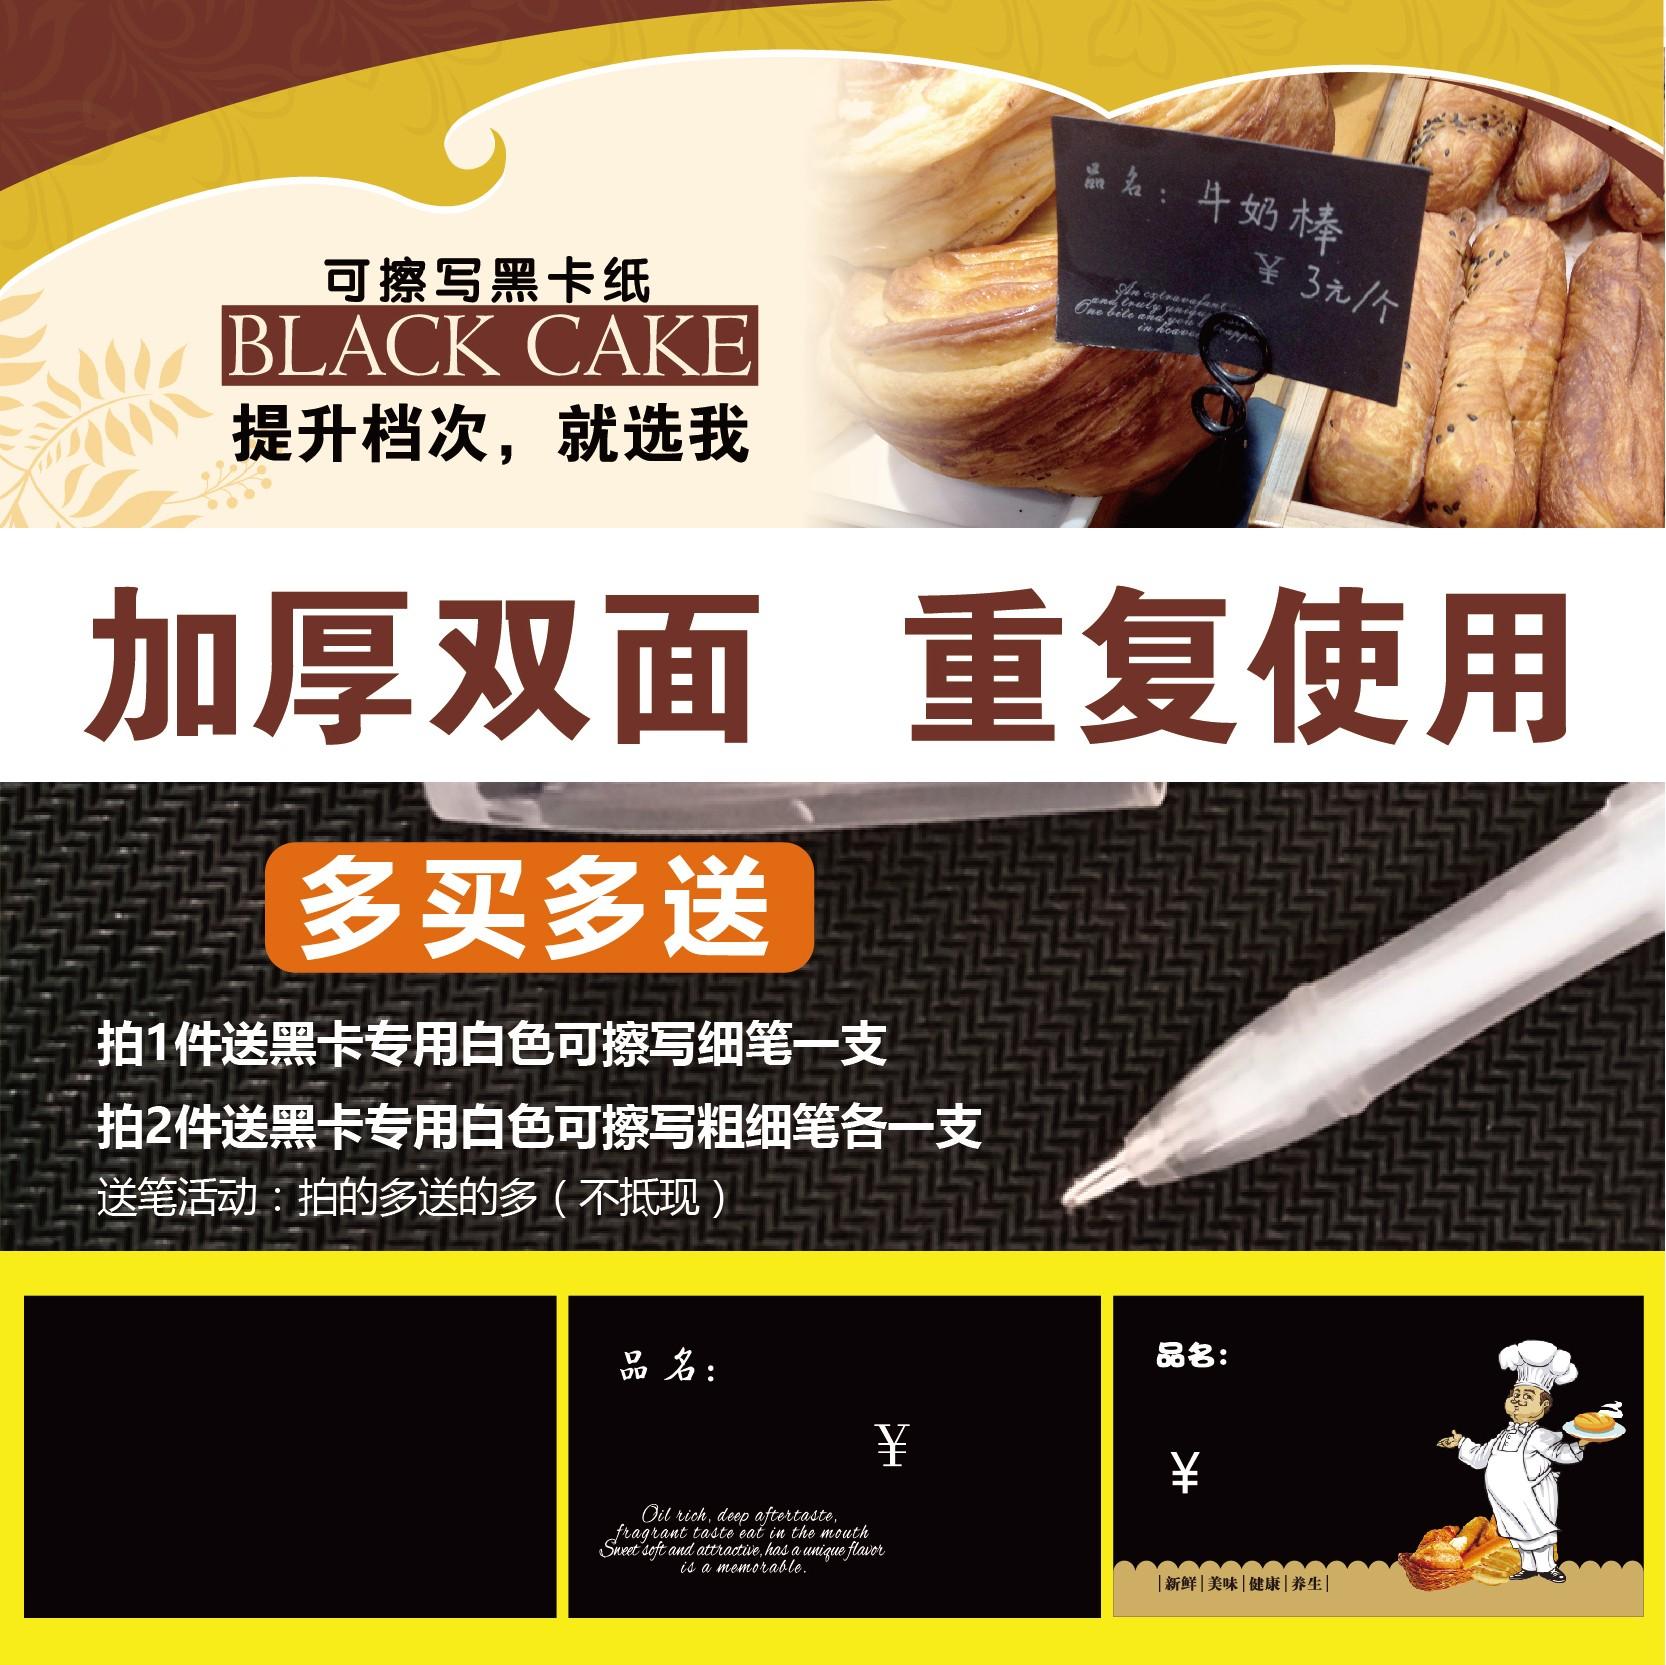 面包蛋糕烘焙店价格标签标价牌可擦写黑卡纸商品标价签价格牌定做